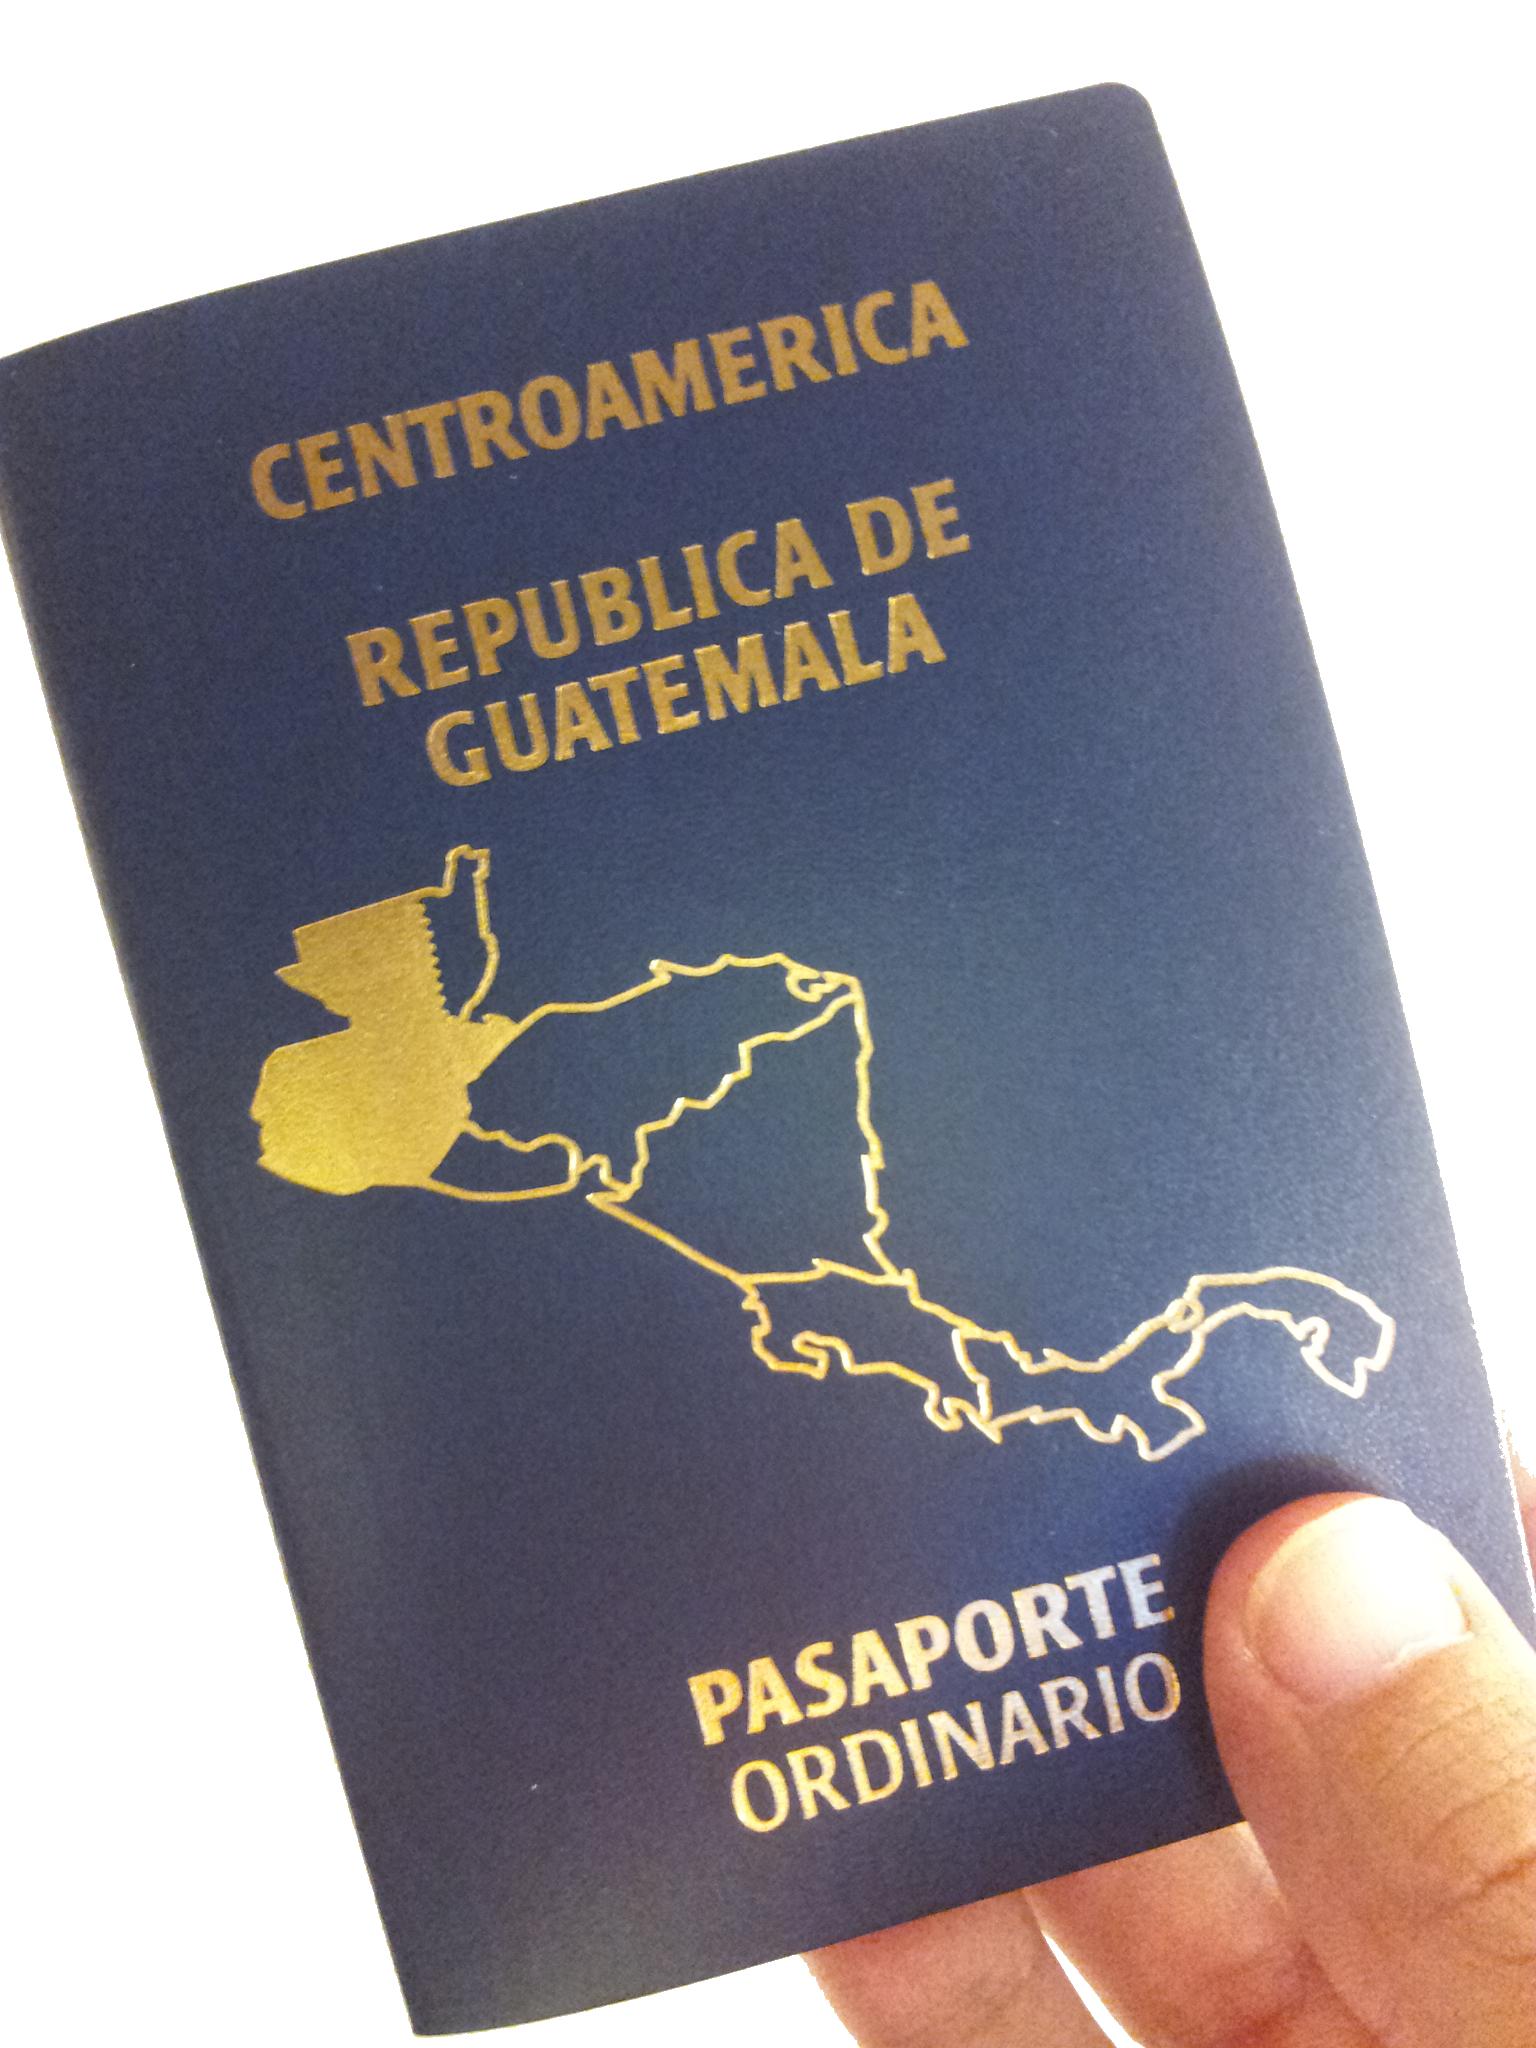 Cansados de quejas e insultos, Consulados de Guatemala en EUA empezaría a emitir los pasaportes – La Voz del Inmigrante